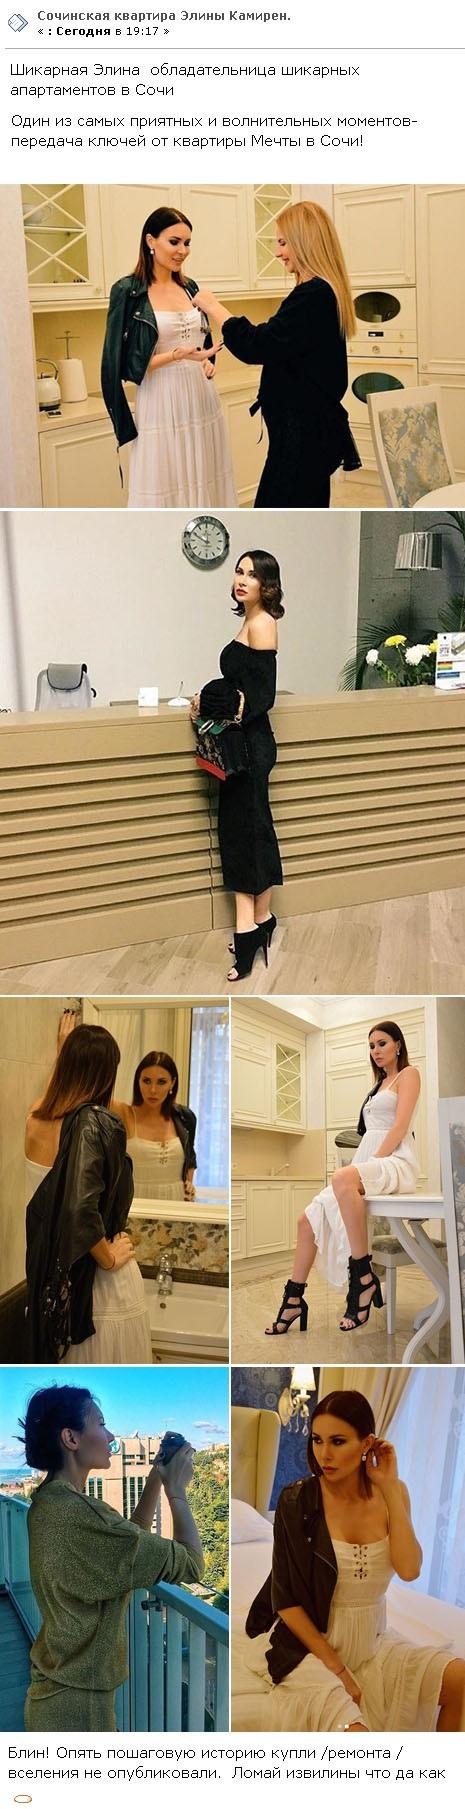 Элина Карякина поделилась первыми фото квартиры в Сочи